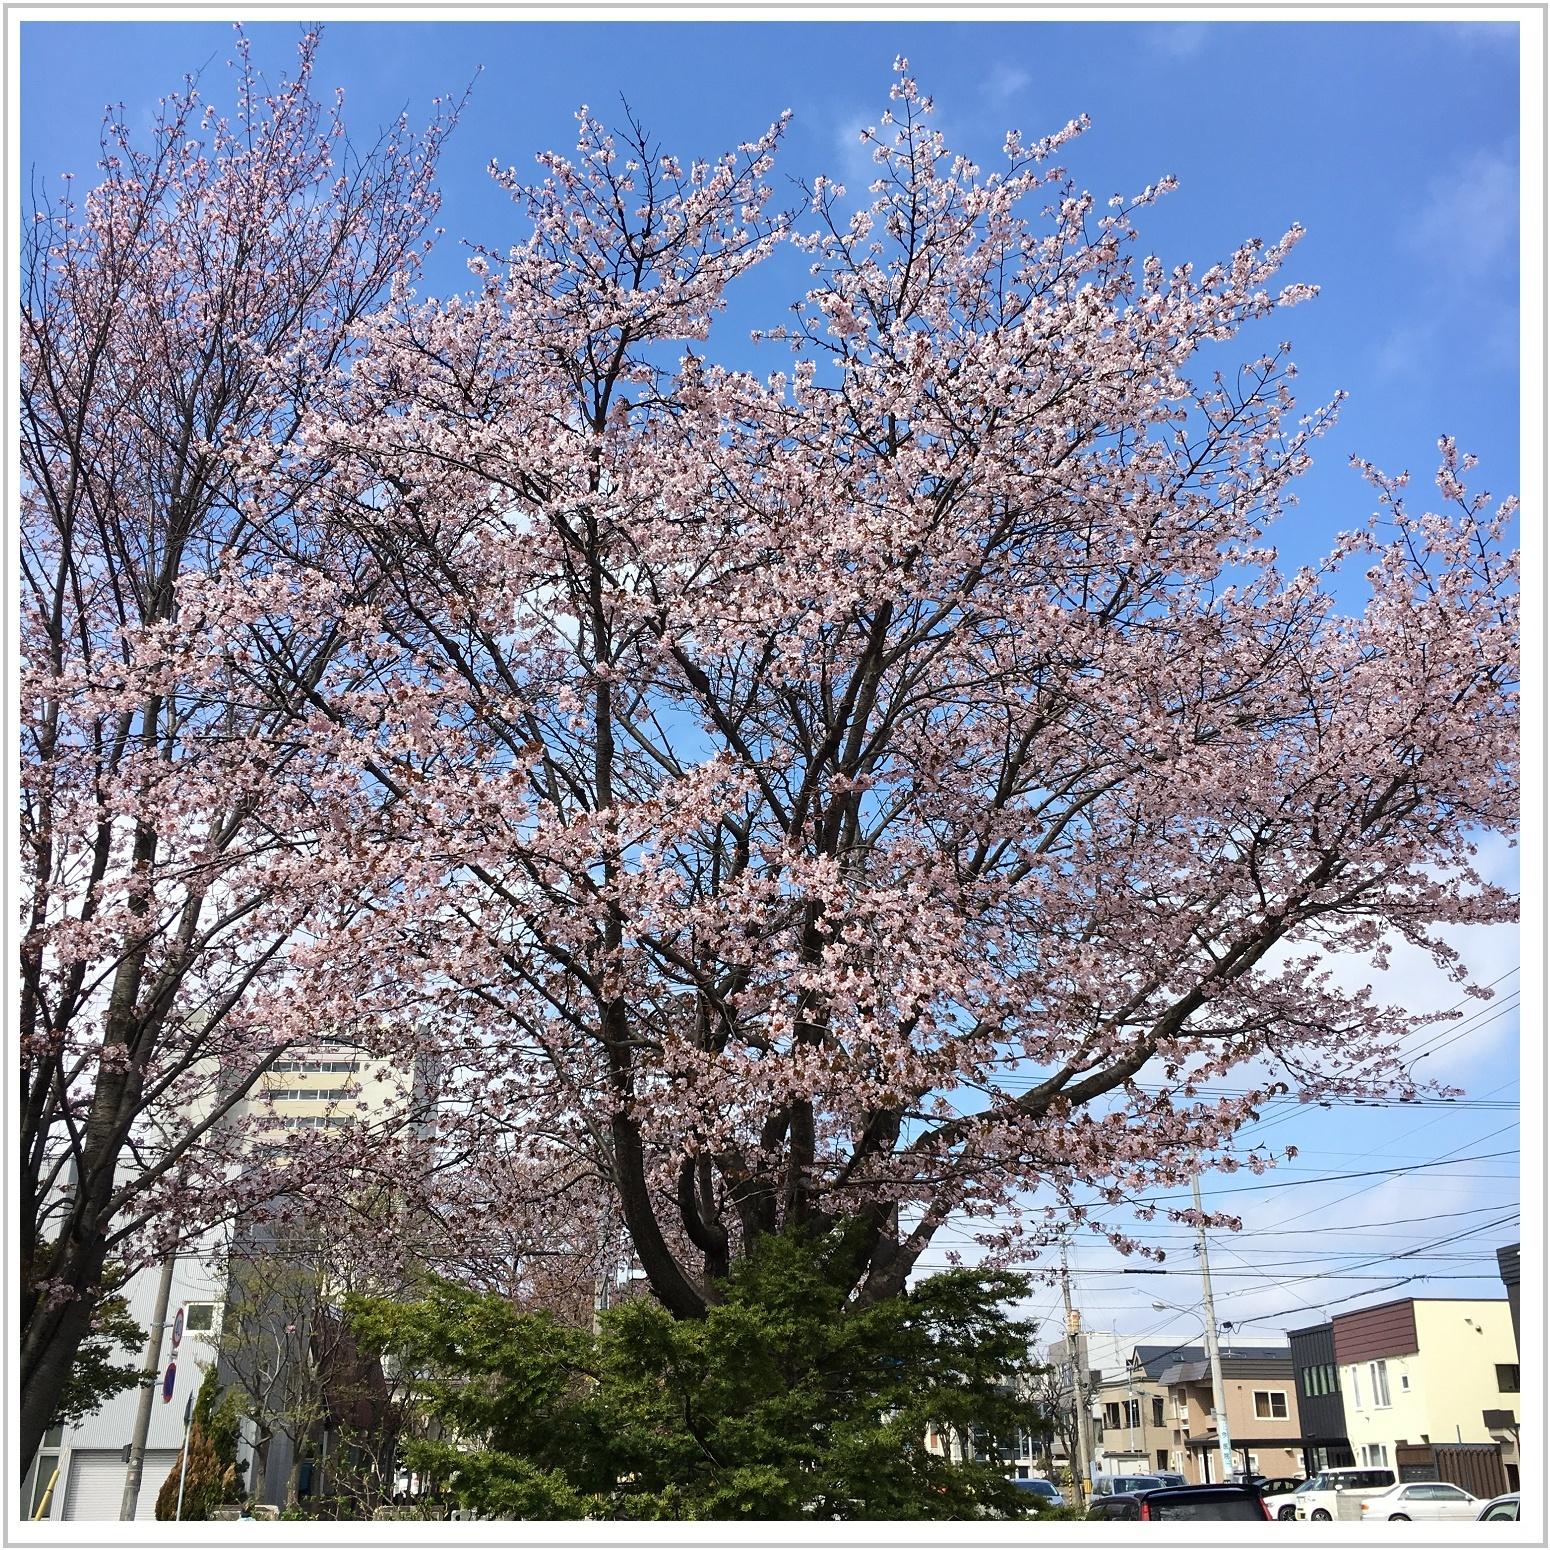 chishima_19_502.jpg